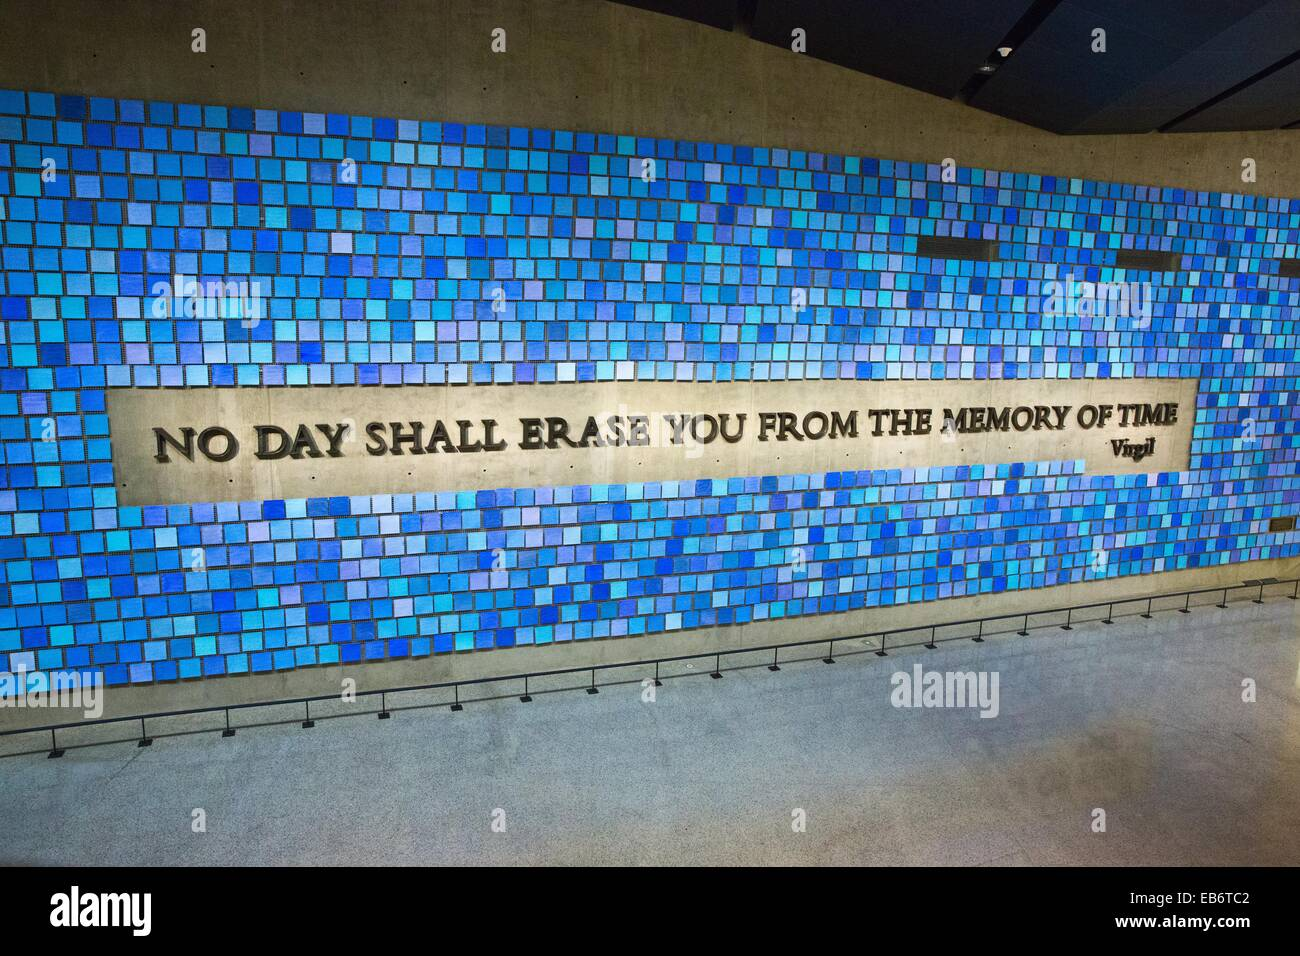 Memorial Hall of National September 11 Memorial and MuseumNational September 11 Memorial and Museum, Manhattan, - Stock Image